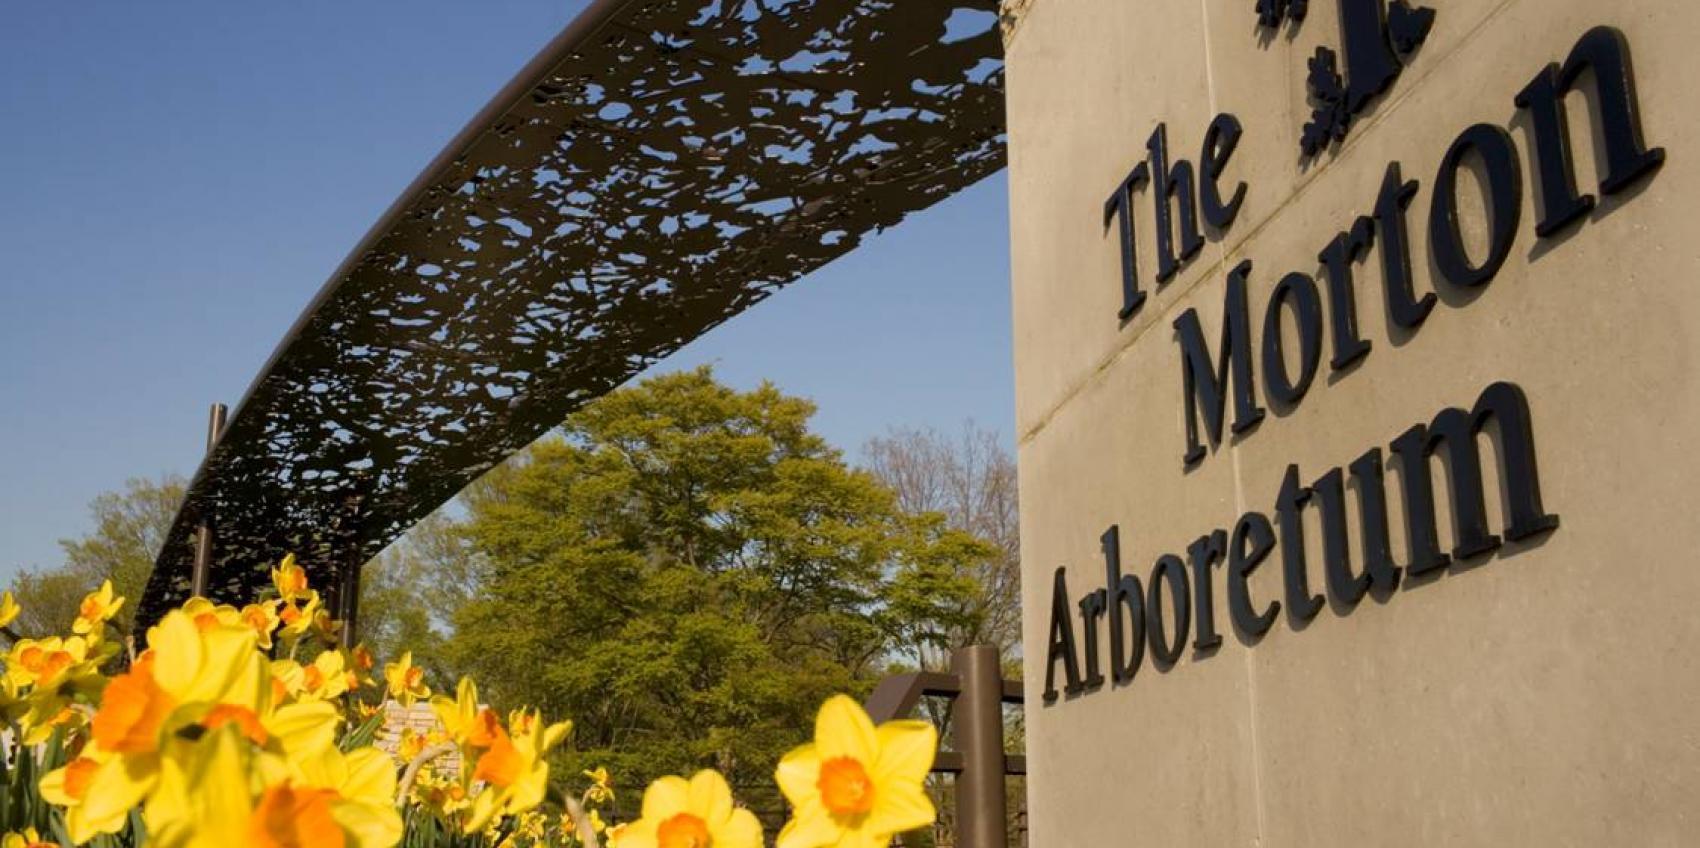 The Morton Arboretum | American Public Gardens Association